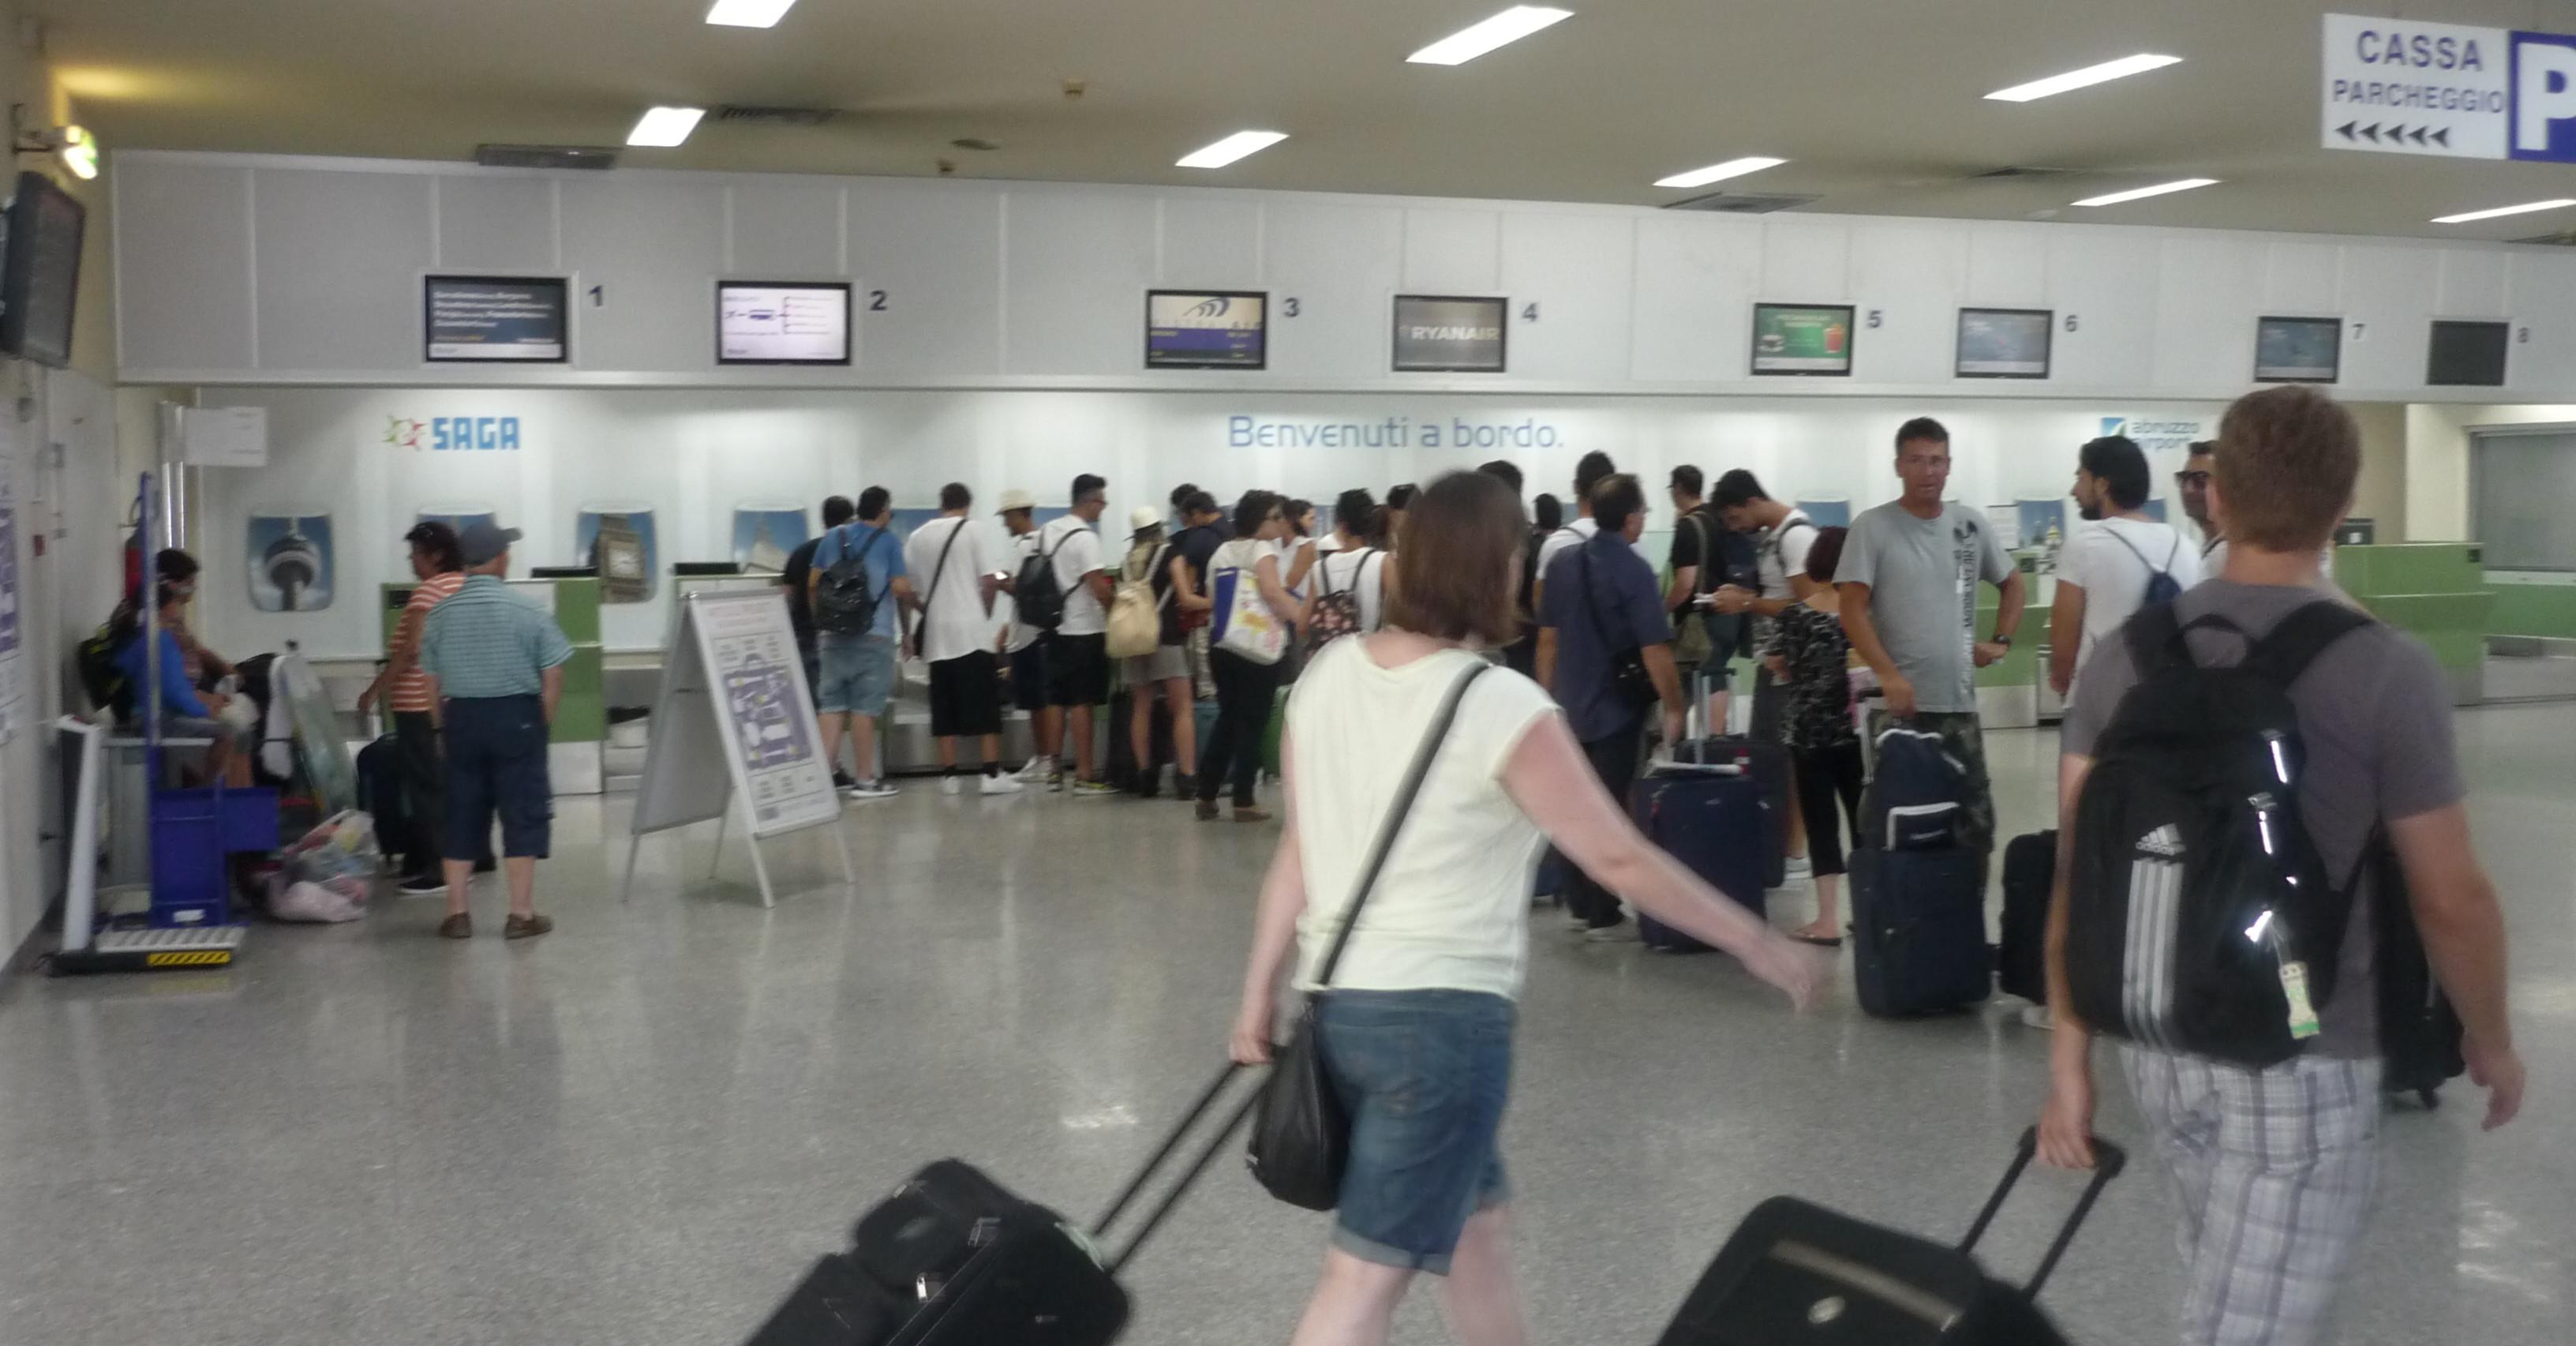 Passeggeri all'aeroporto d'Abruzzo